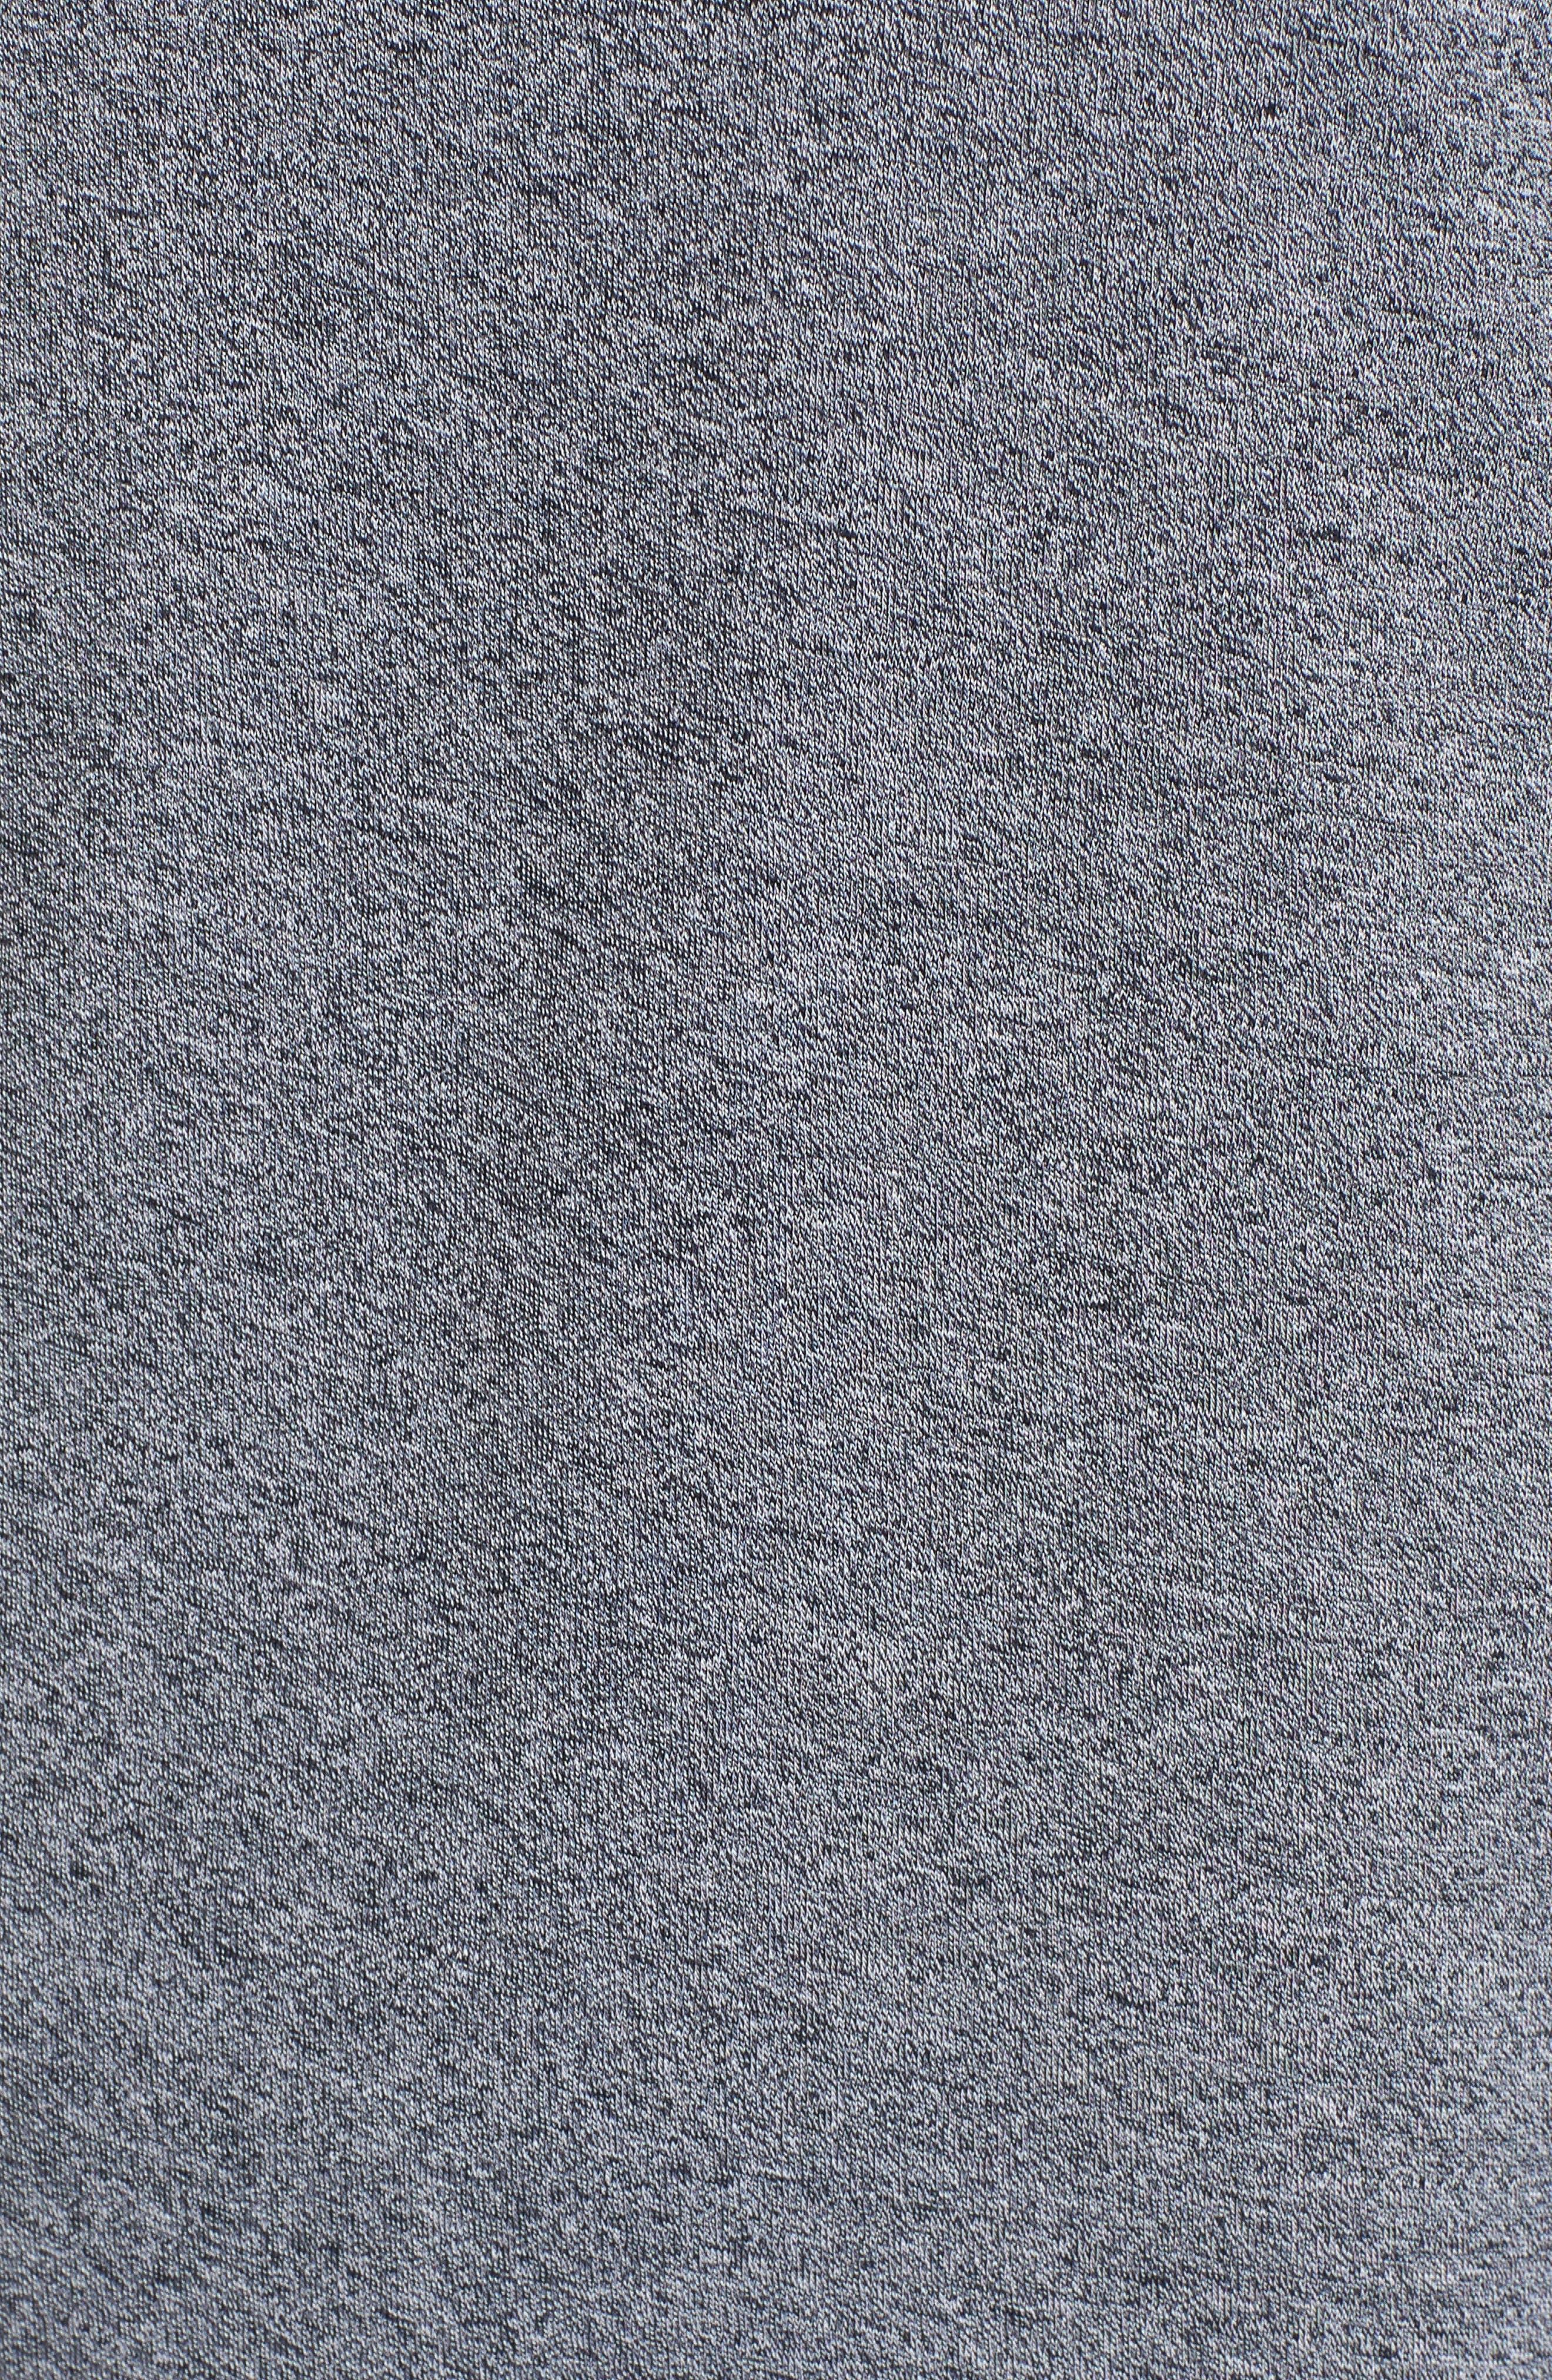 Paschal Mouline Slim Fit Polo Shirt,                             Alternate thumbnail 5, color,                             001